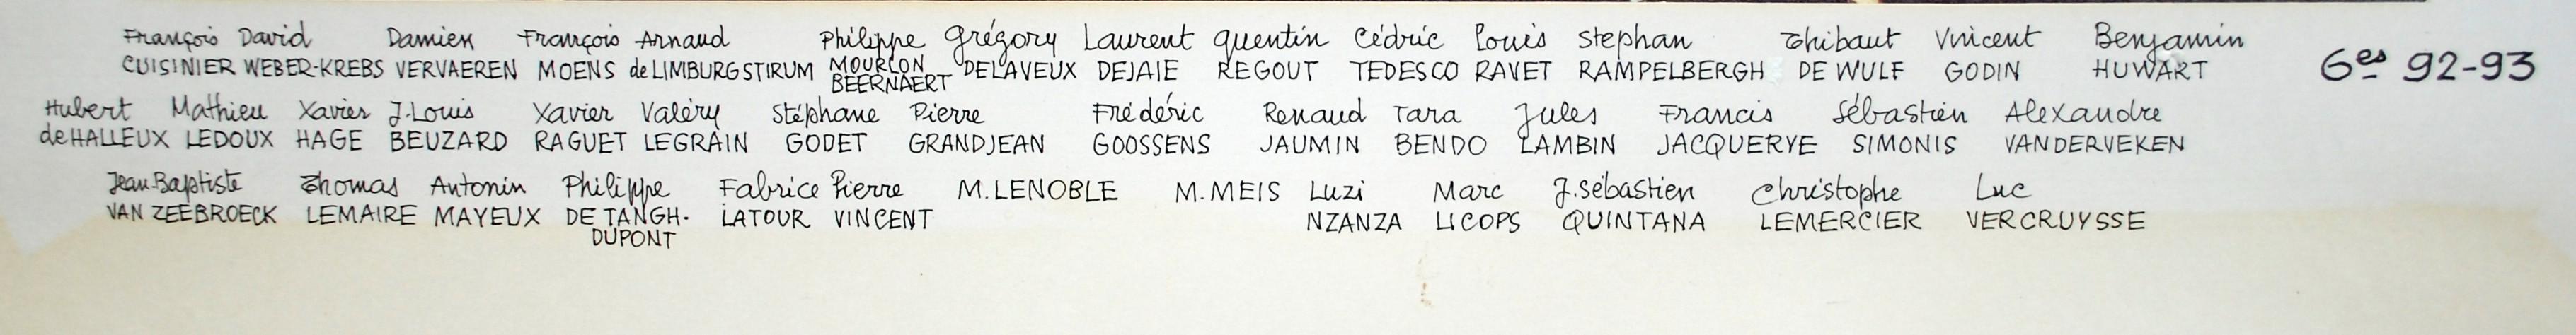 1992-1993'.jpg